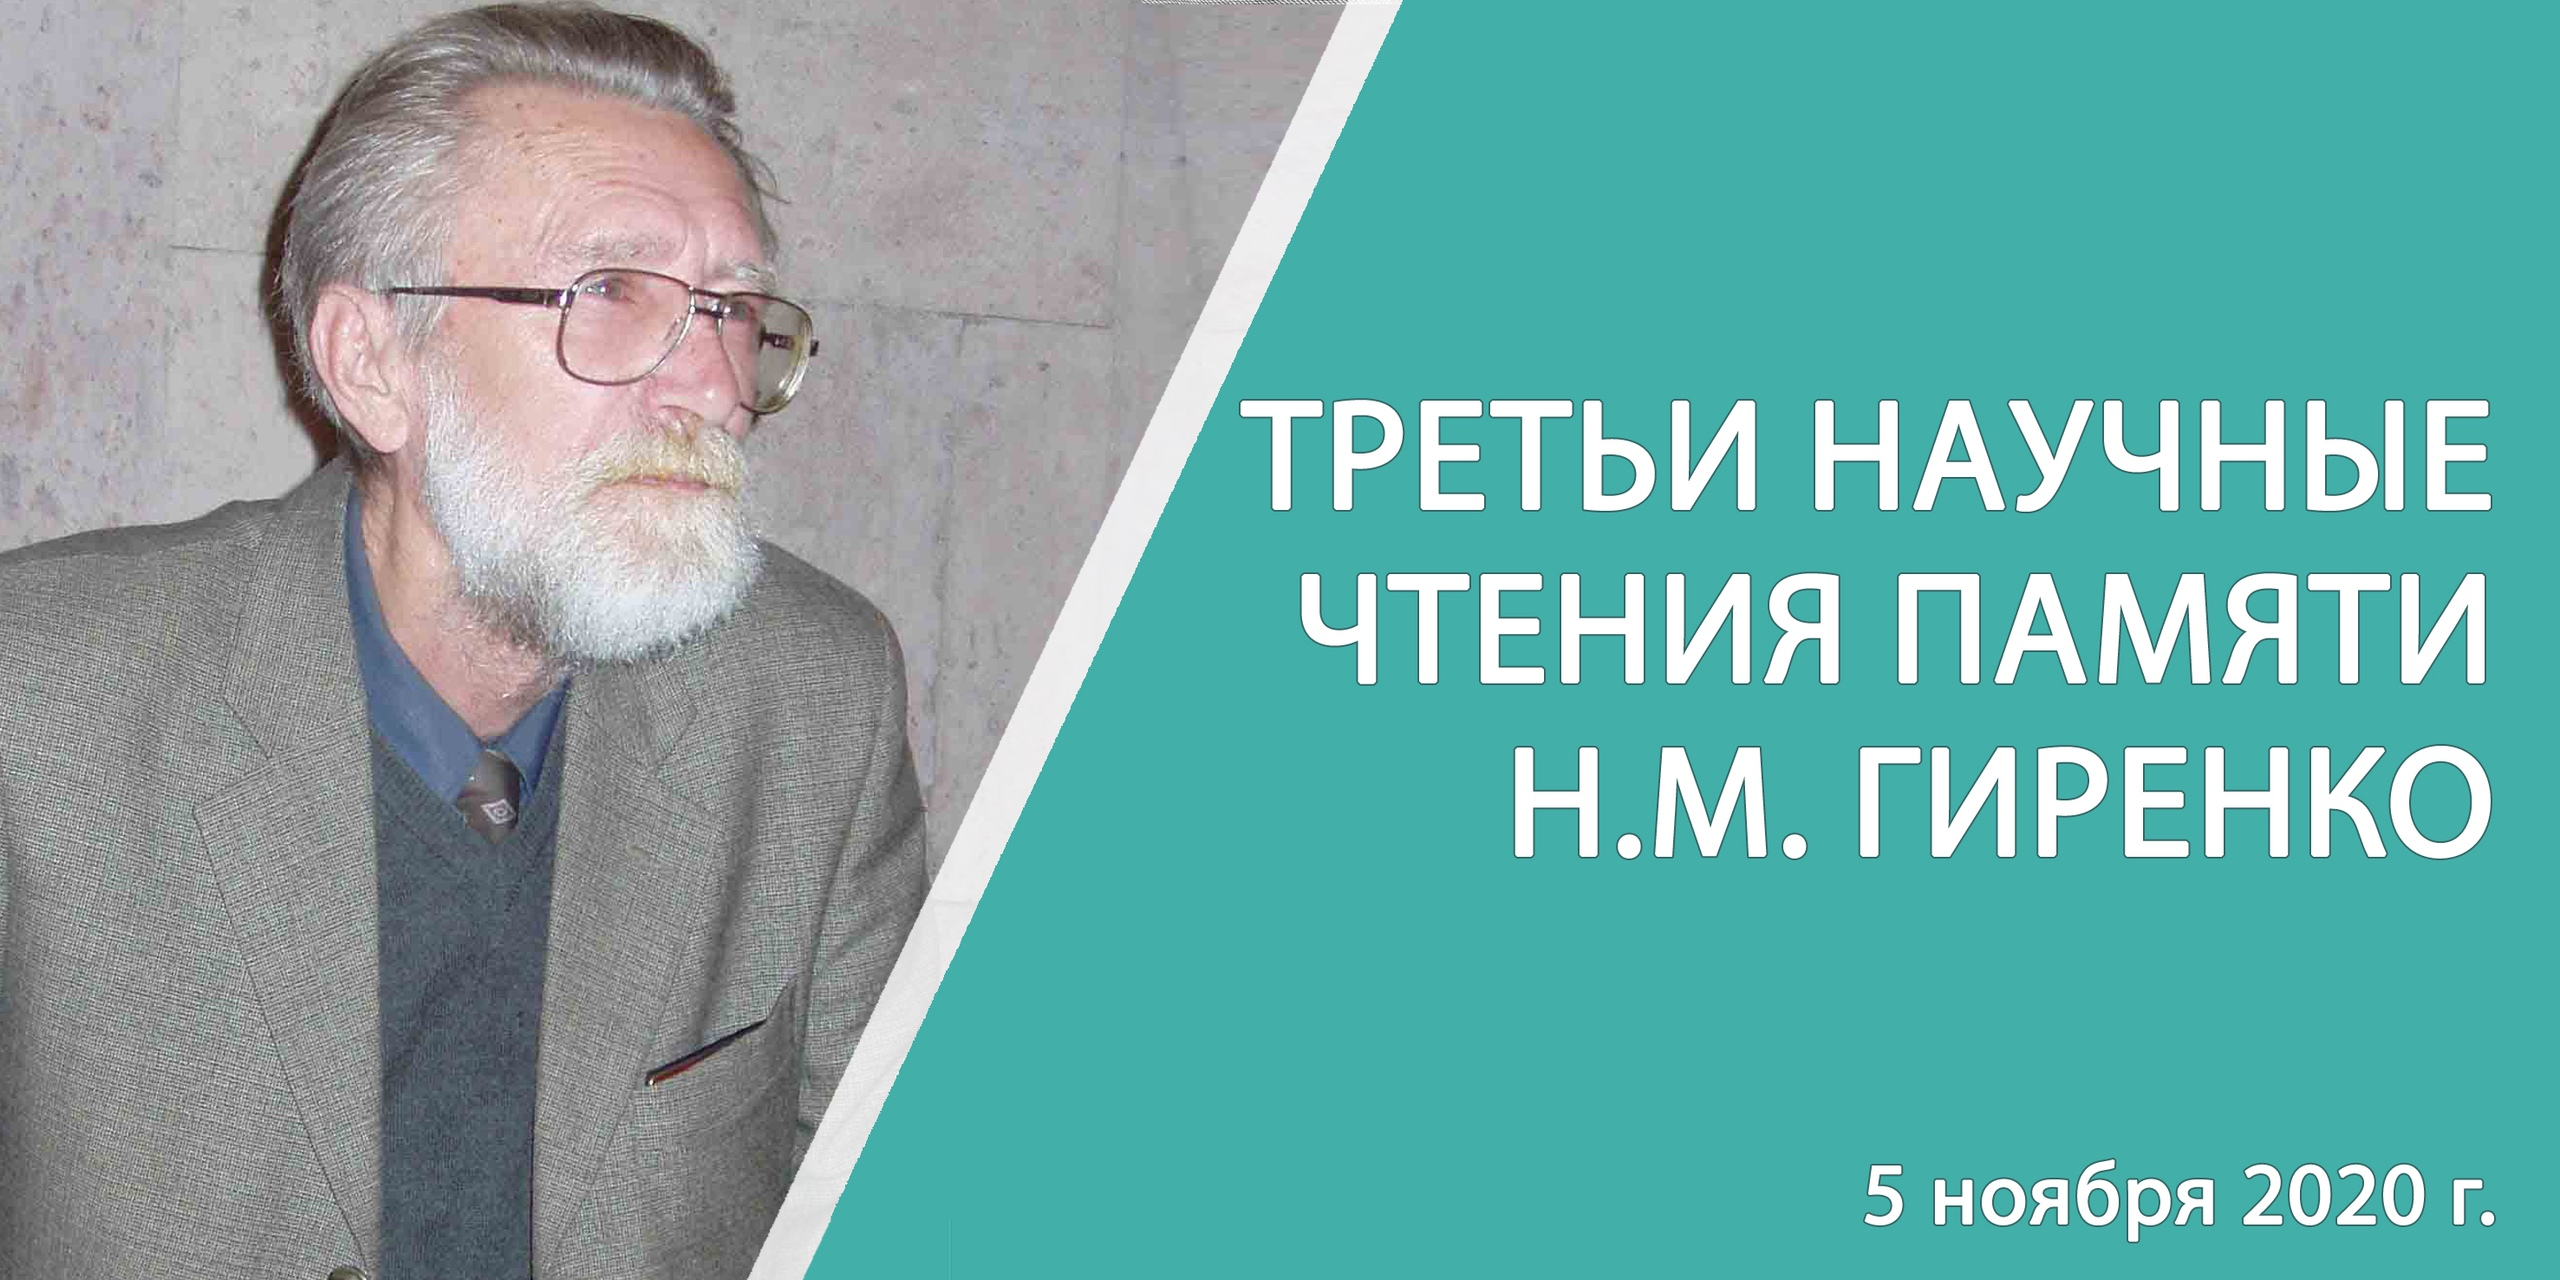 Третьи научные чтения памяти Н. М. Гиренко пройдут 5 ноября